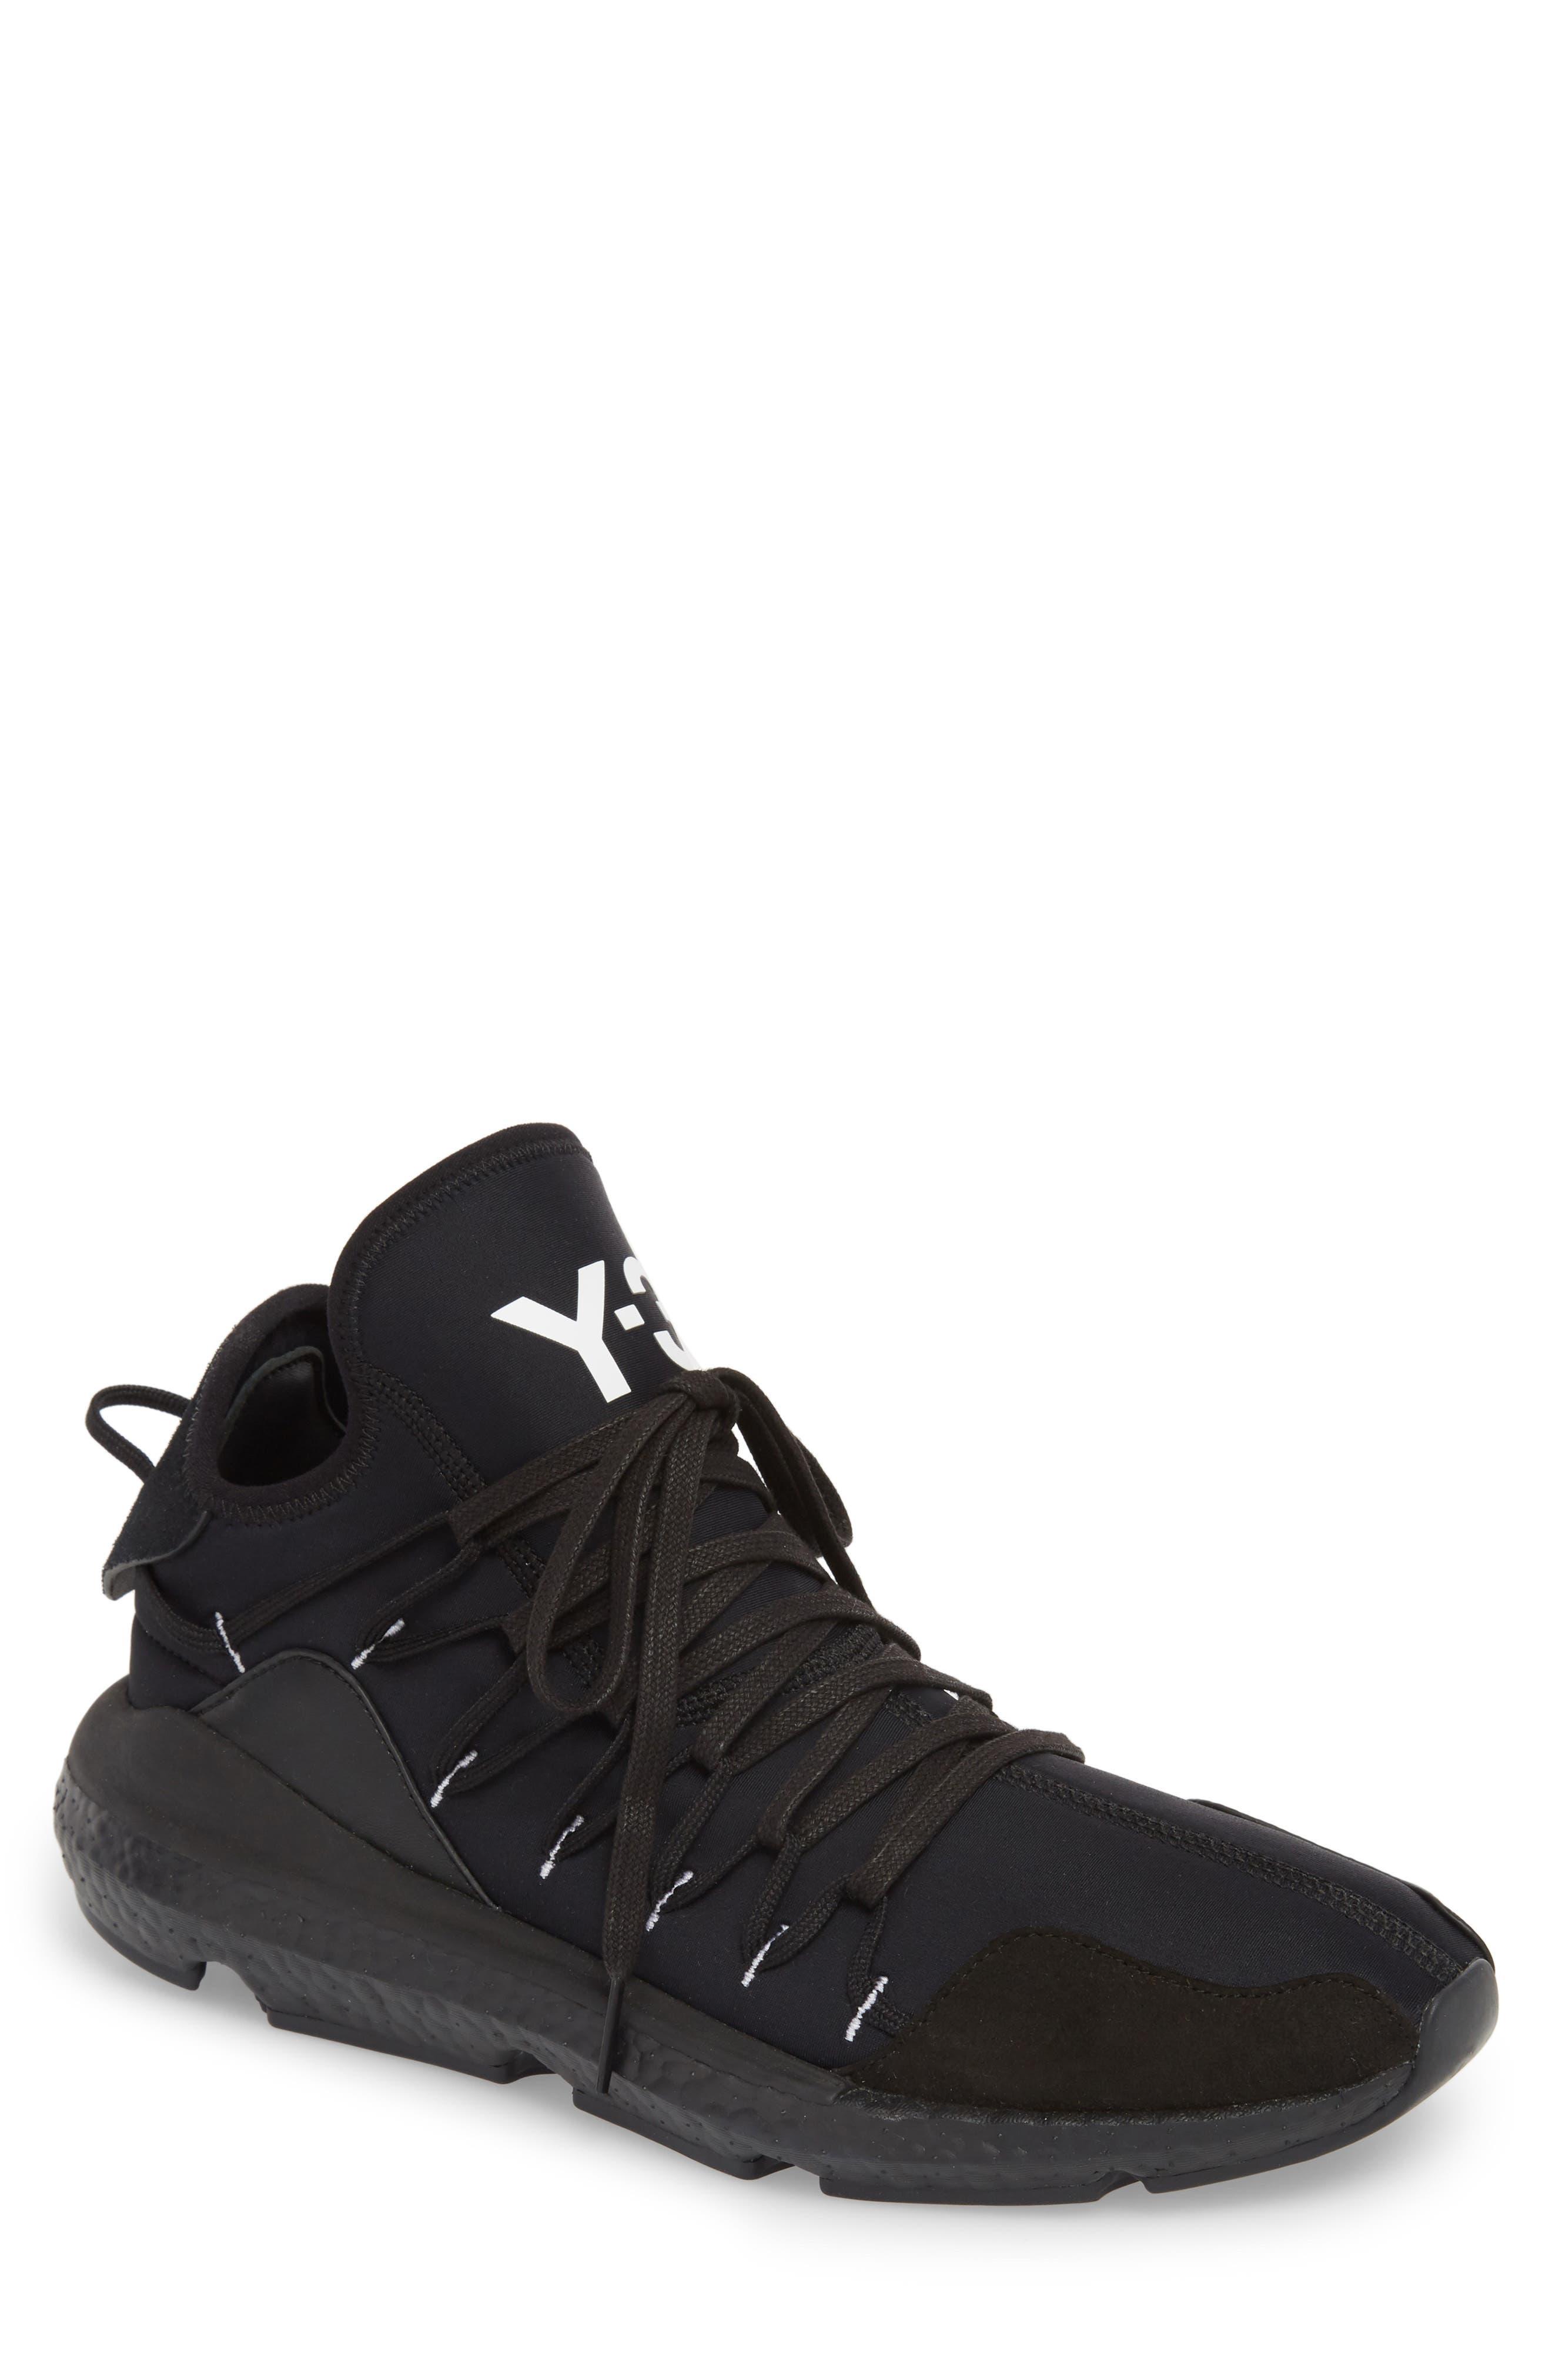 x adidas Kusari Sneaker,                             Main thumbnail 1, color,                             BLACK/BLACK